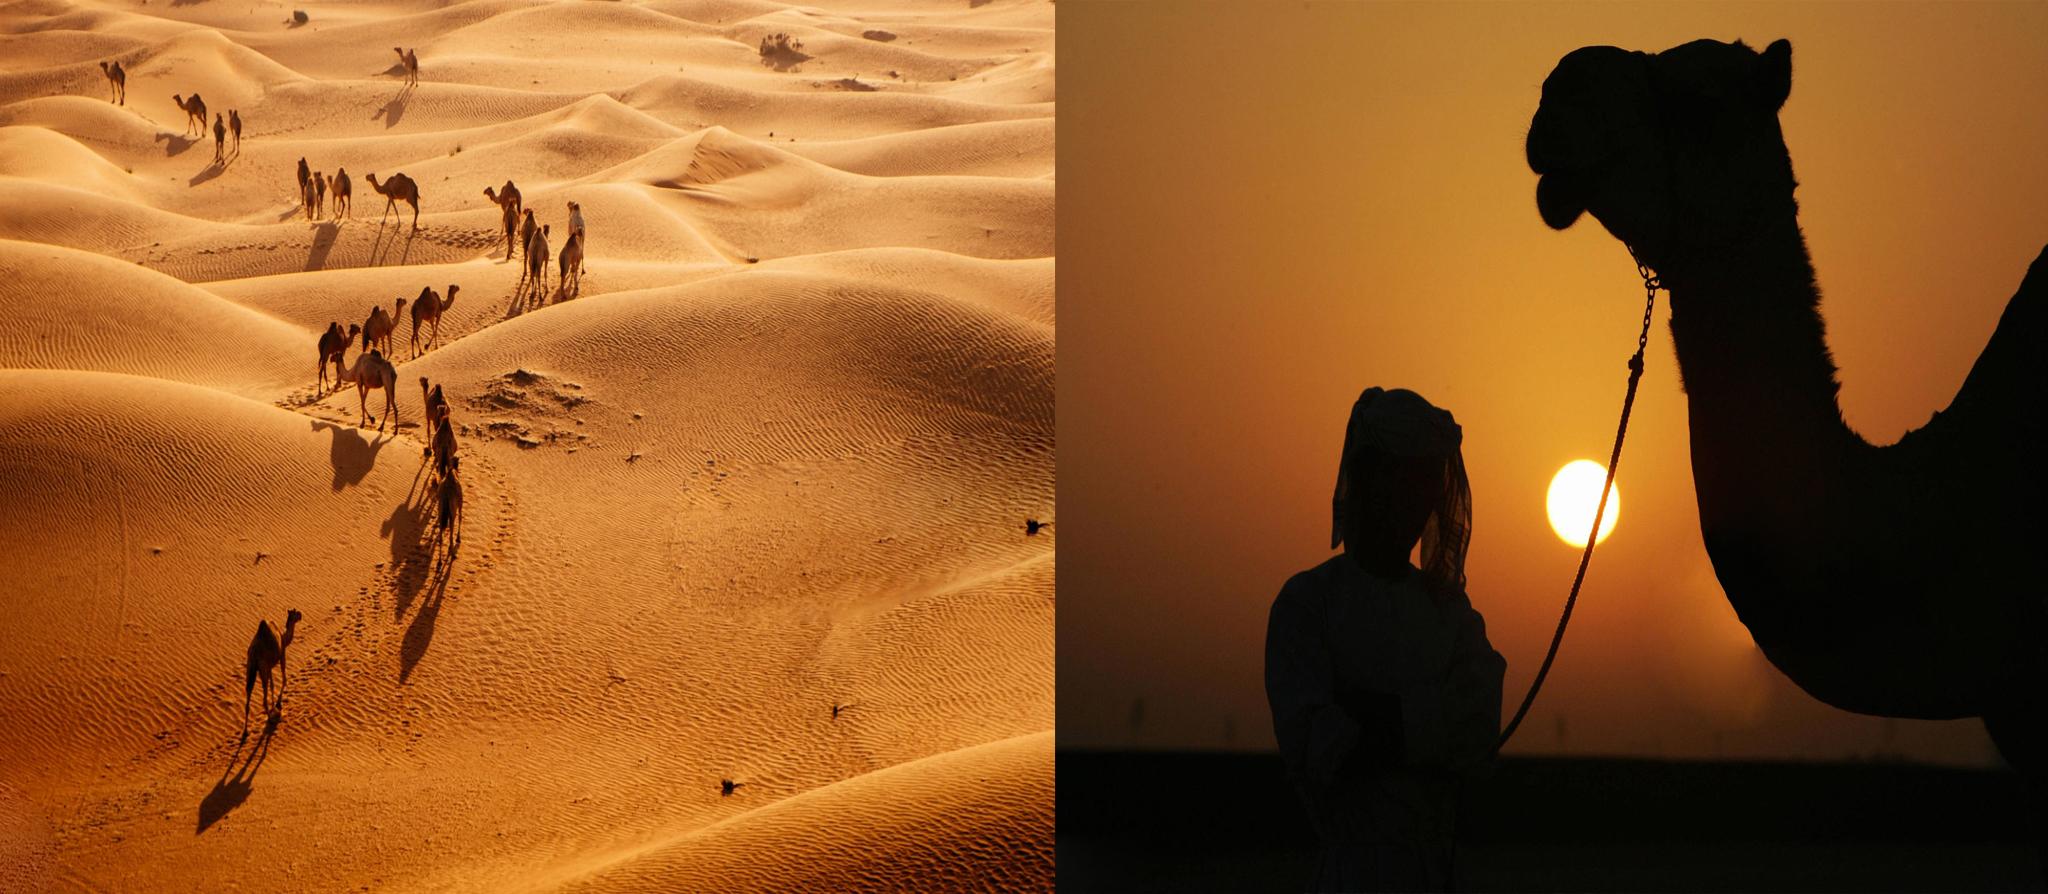 Camel Trekking Dubai deals